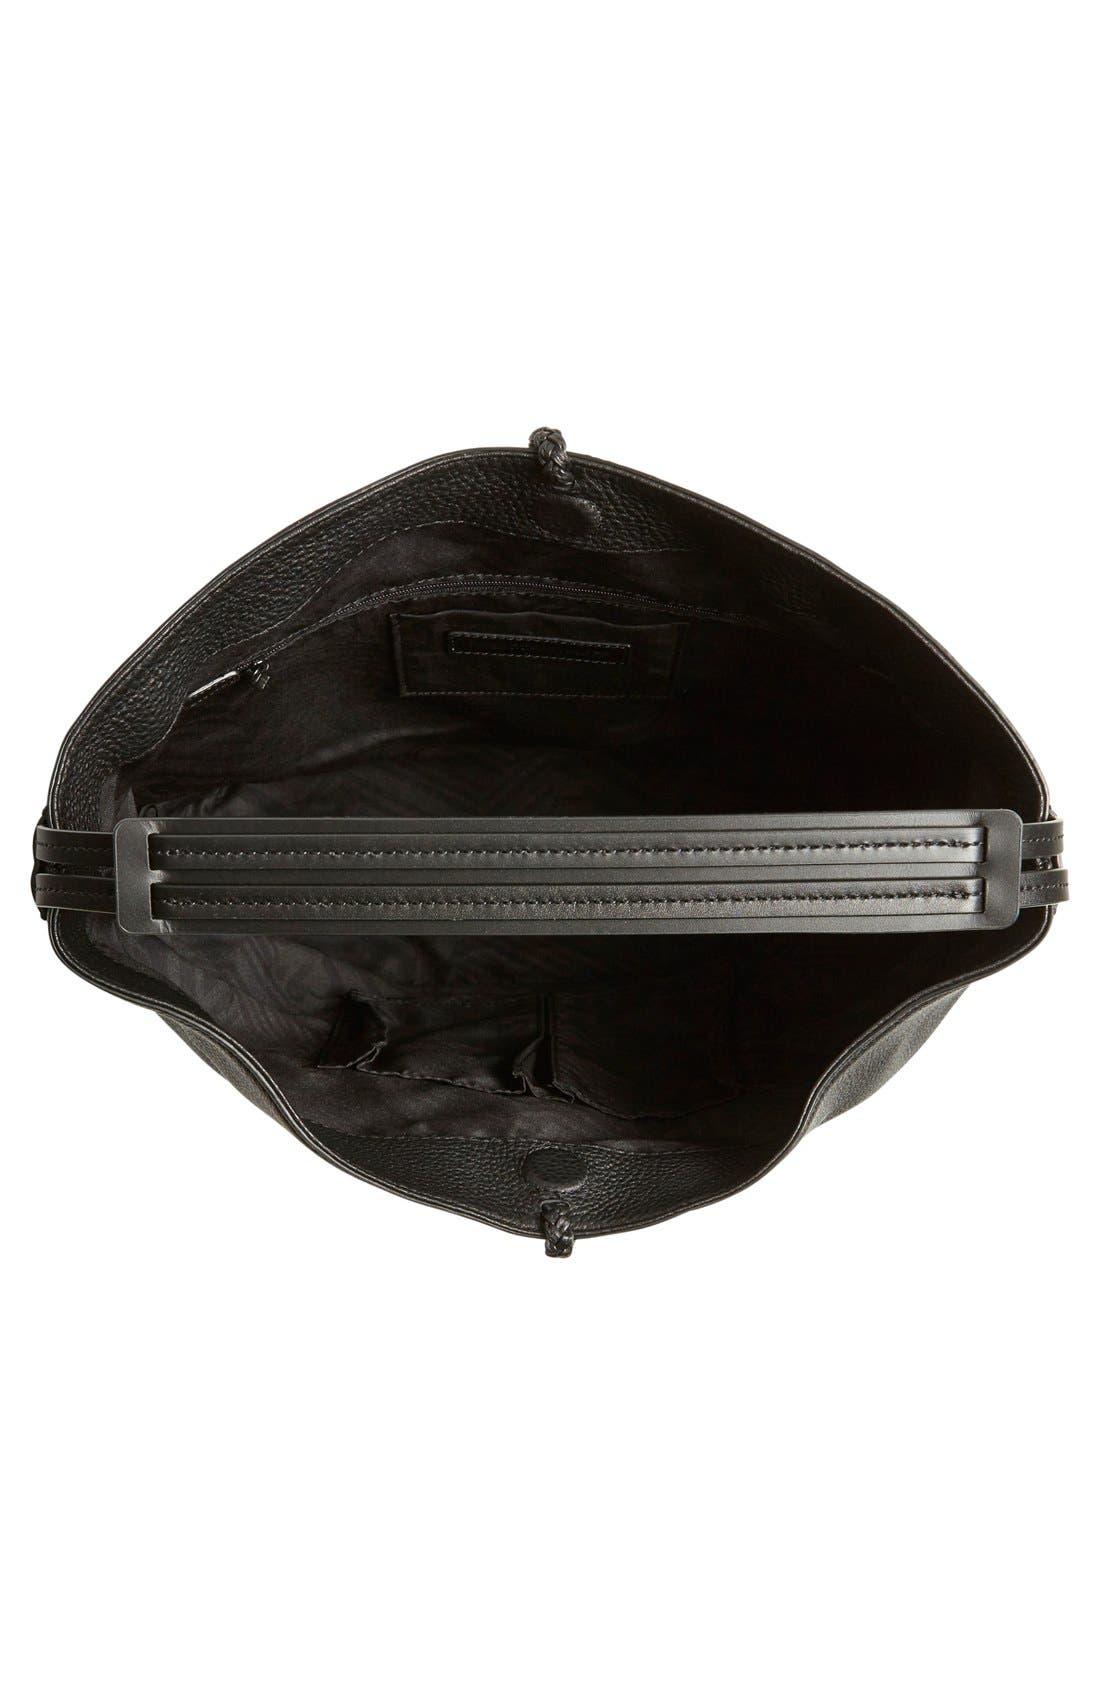 REBECCA MINKOFF, 'Isobel' Tassel Leather Hobo, Alternate thumbnail 2, color, 001